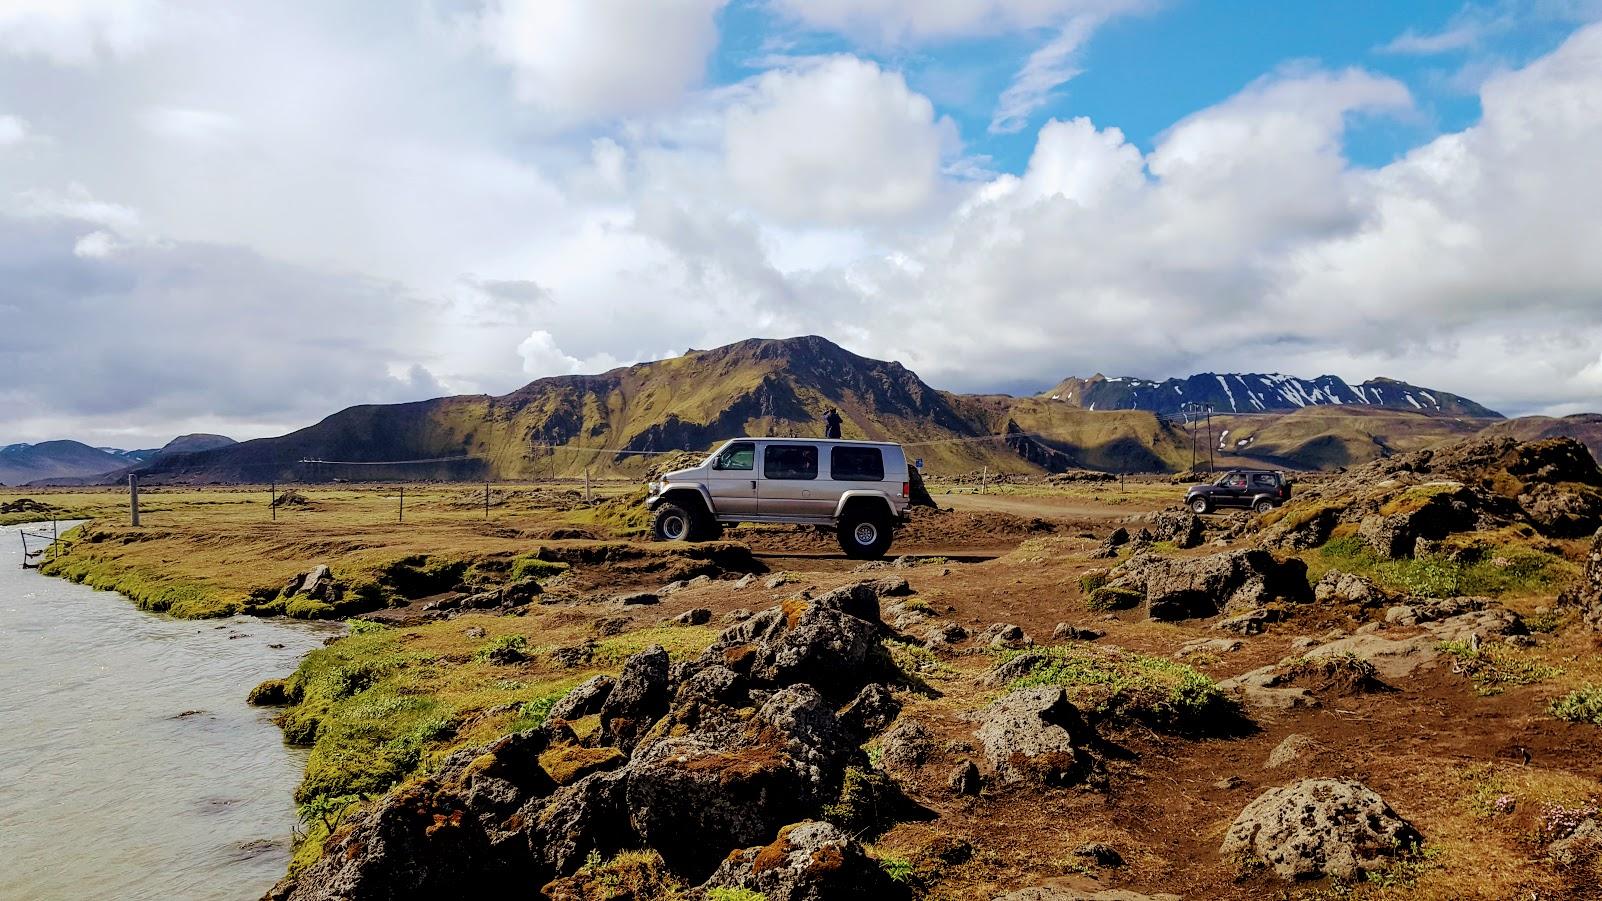 超级吉普是探访冰岛兰德曼纳劳卡内陆高地地区的必需交通工具